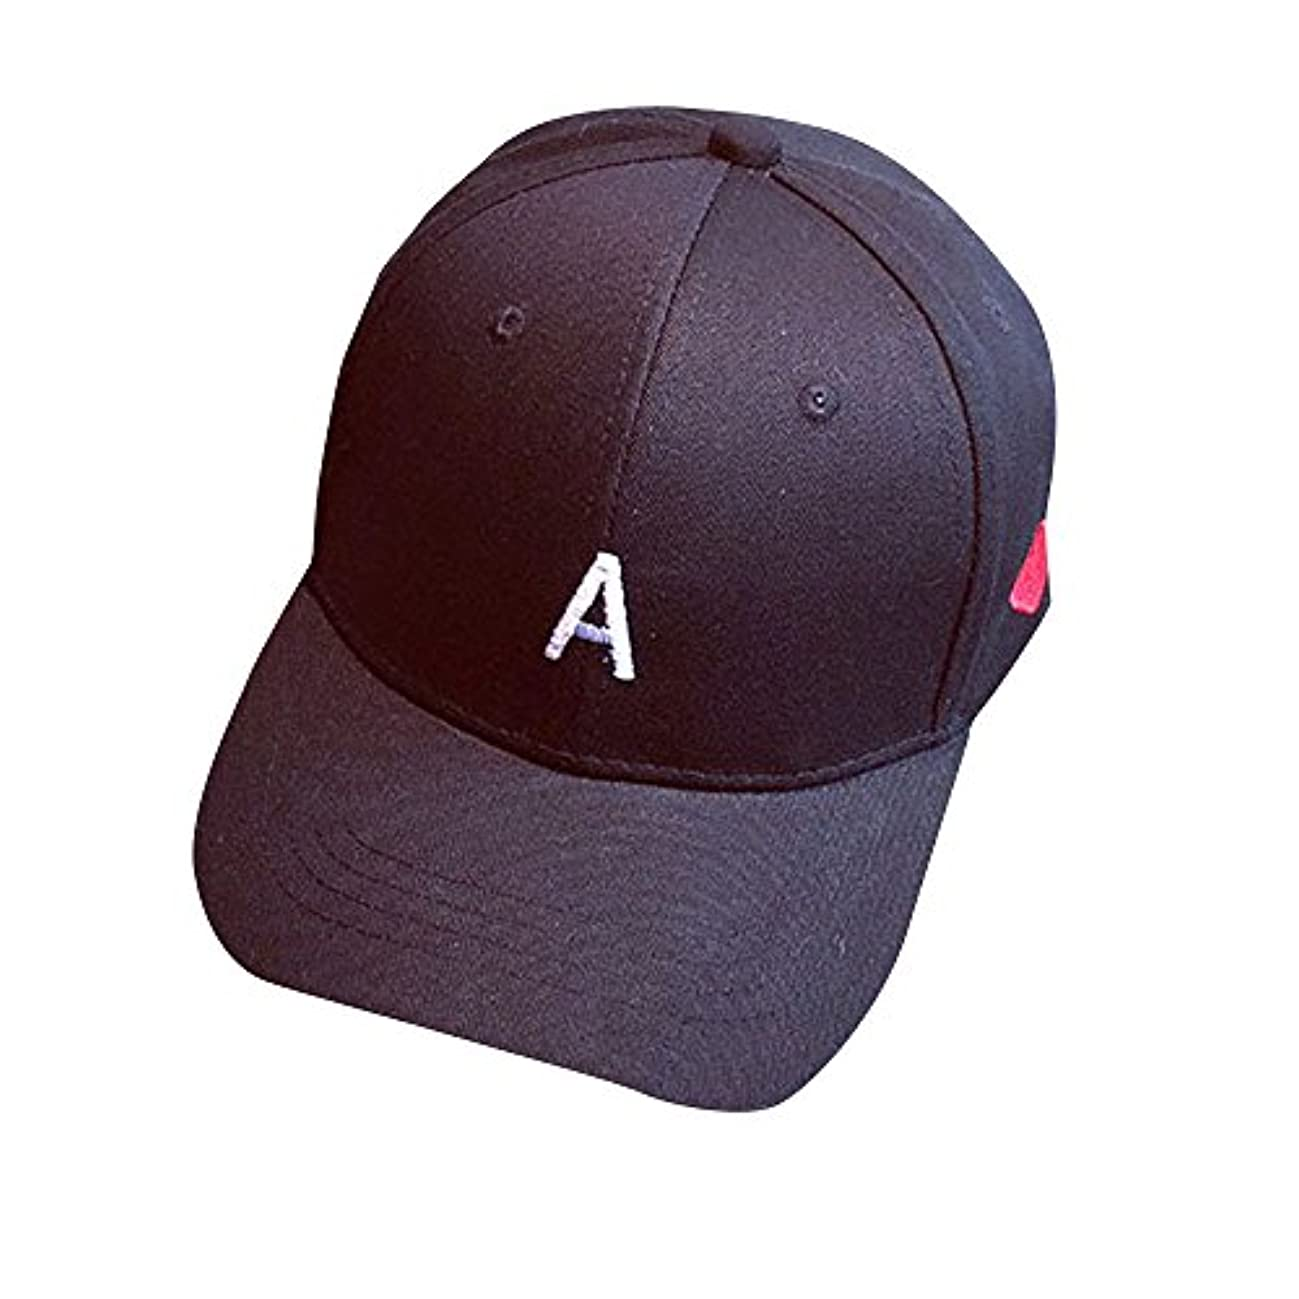 プロフィール岩メニューRacazing Cap 文字刺繍 野球帽 無地 キャップ 夏 登山 通気性のある 帽子 ベルクロ 可調整可能 ヒップホップ 棒球帽 UV 帽子 軽量 屋外 Unisex Hat (黒)